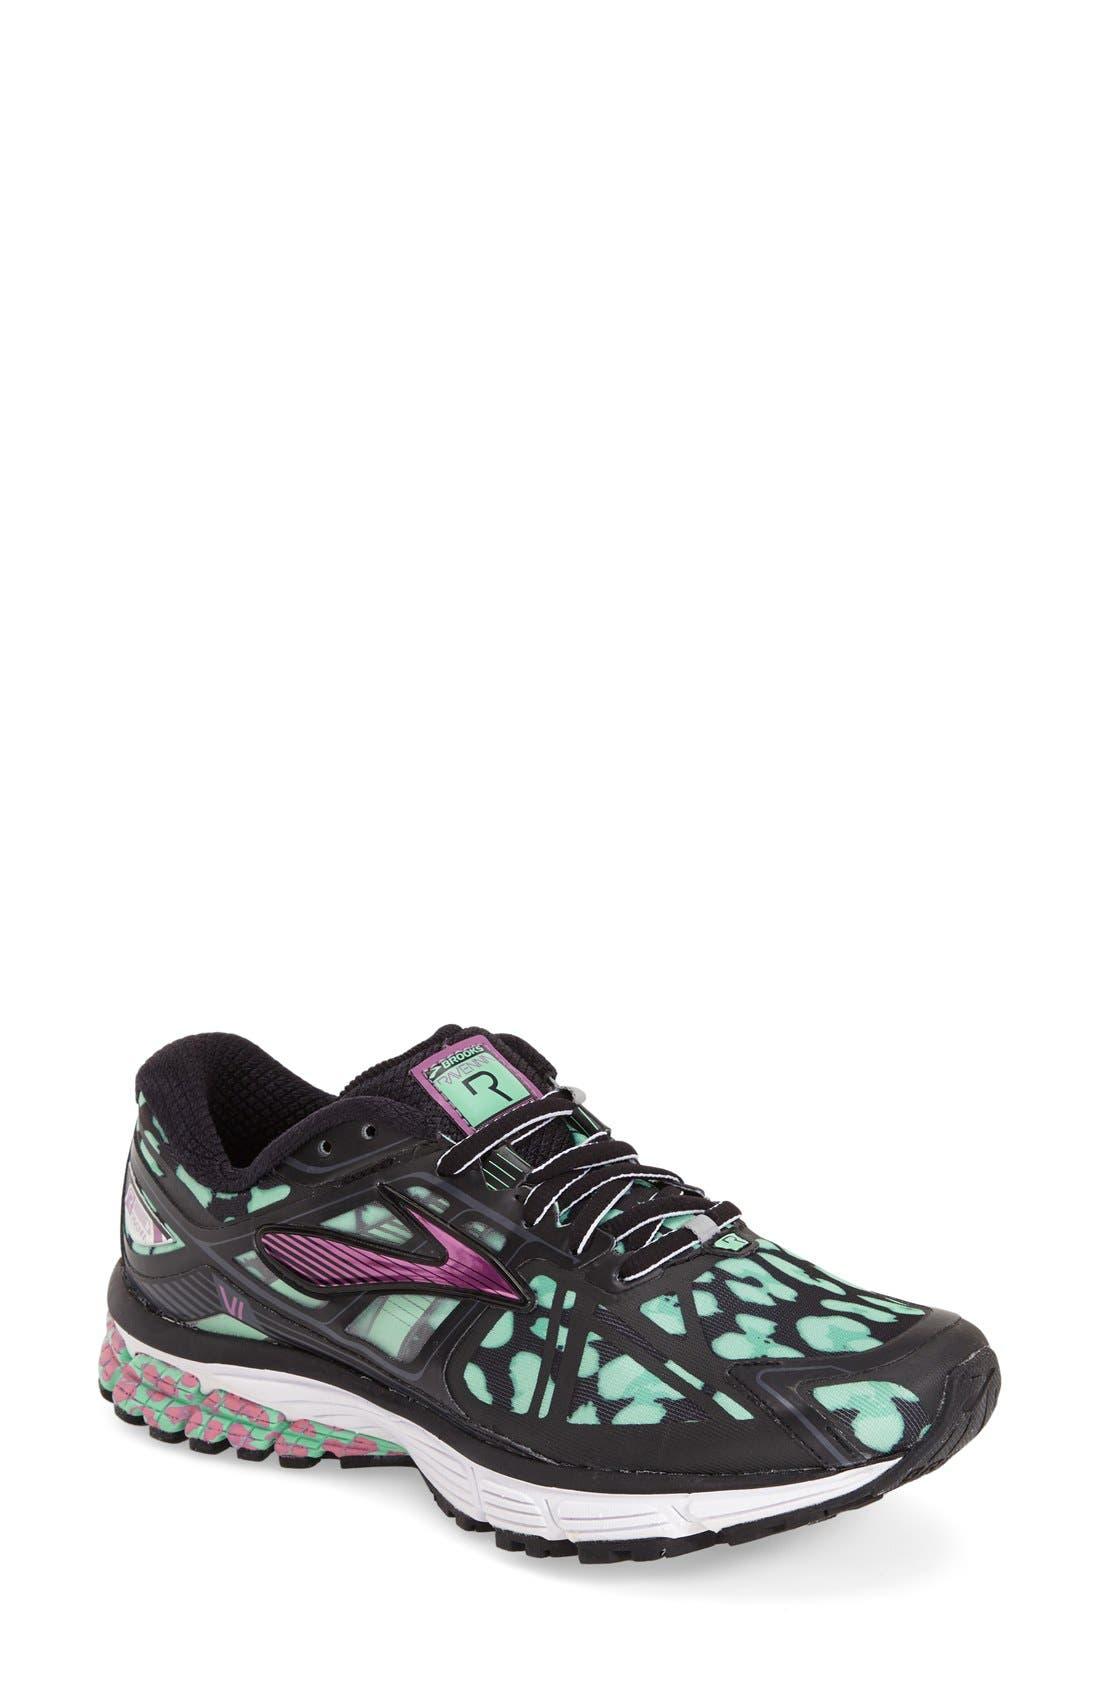 Main Image - Brooks 'Ravenna 6' Running Shoe (Women)